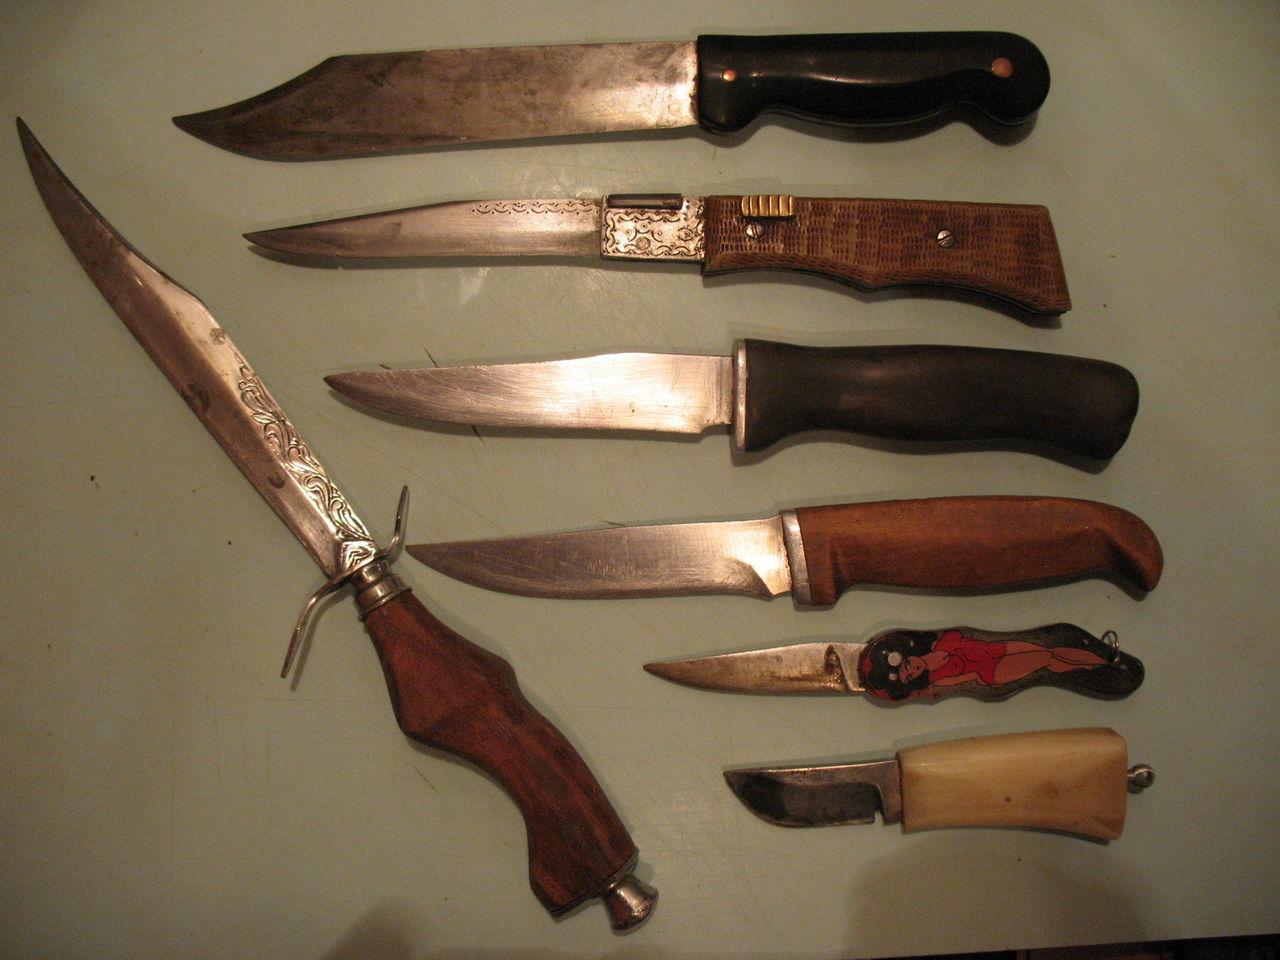 Ковка ножа: из чего лучше делать [4 вида ножей и материалов]